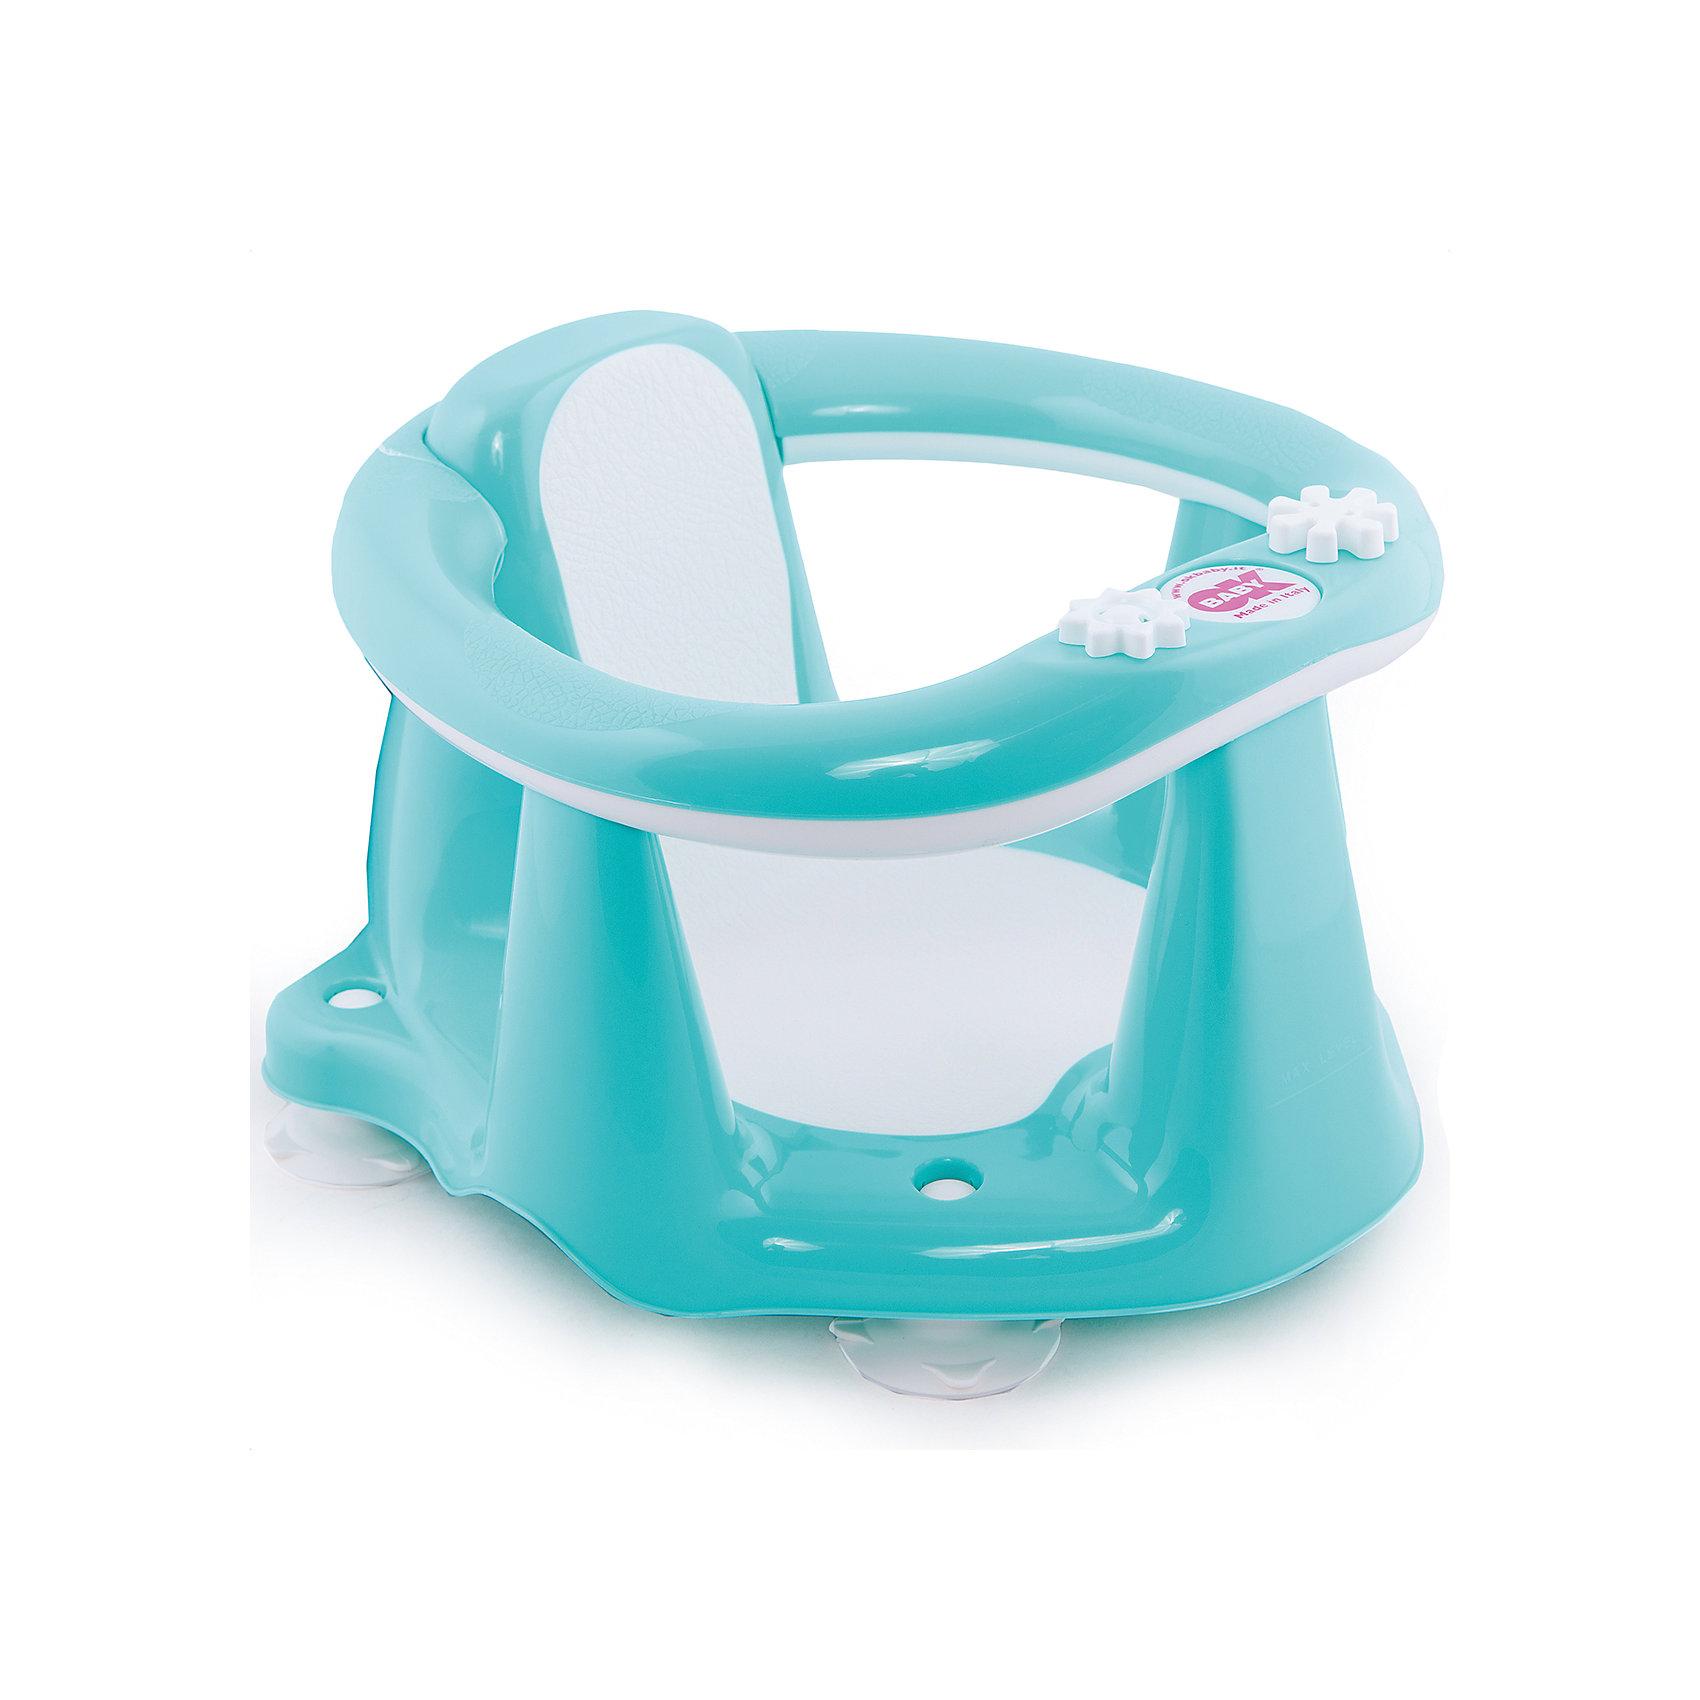 Сиденье в ванну Flipper Evolution, OK Baby, бирюзовыйМалыши обожают плескаться в ванне, при этом мысль о безопасности маленького непоседы не покидает ни одну маму. Сиденье в ванну Flipper Evolution мягко удержит кроху в положении сидя, обеспечив максимальный комфорт и безопасность. Стул выполнен из высококачественных материалов, имеет анти-скользящее покрытие, края покрытые резиной. Яркий дизайн сиденья обязательно понравится малышам. <br><br>Дополнительная информация:<br><br>- Материал: пластик, резина.<br>- Размер: 38x24x36  см.<br>- Максимальный вес ребенка: 13 кг.<br>- Анатомическая форма. <br>- Анти-скользящее покрытие. <br>- Яркий, привлекательный дизайн. <br><br>Сиденье в ванну Flipper Evolution, OK Baby, бирюзовое, можно купить в нашем магазине.<br><br>Ширина мм: 380<br>Глубина мм: 360<br>Высота мм: 240<br>Вес г: 1200<br>Возраст от месяцев: 6<br>Возраст до месяцев: 216<br>Пол: Унисекс<br>Возраст: Детский<br>SKU: 4443722